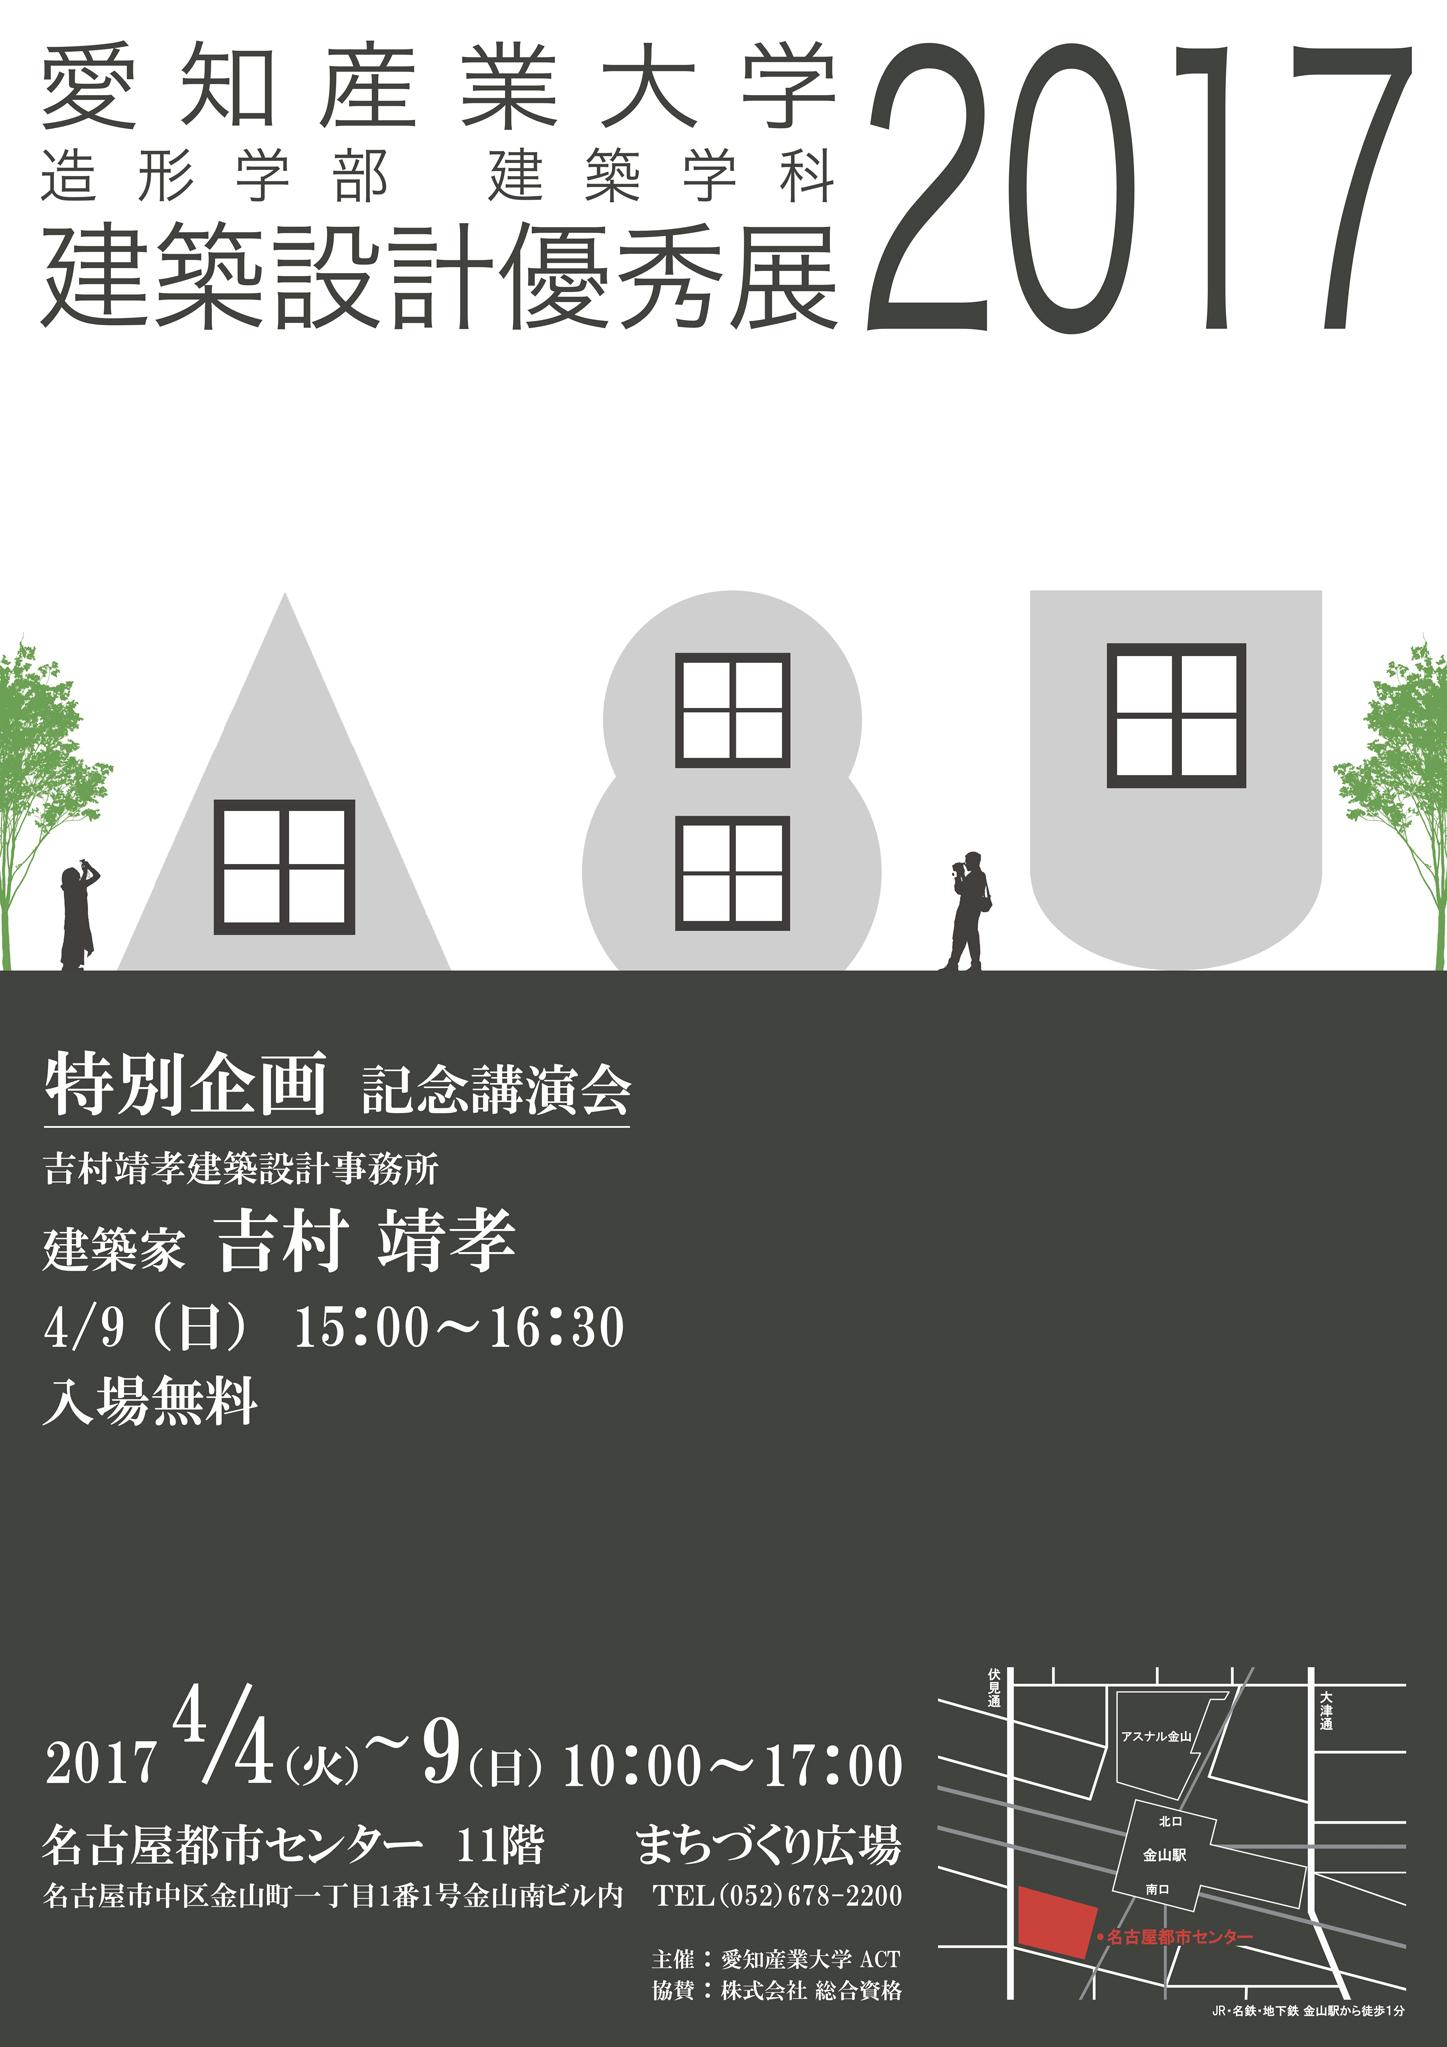 愛知産業大学 造形学部建築学科 建築設計優秀展 2017 開催_e0350593_16104833.jpg